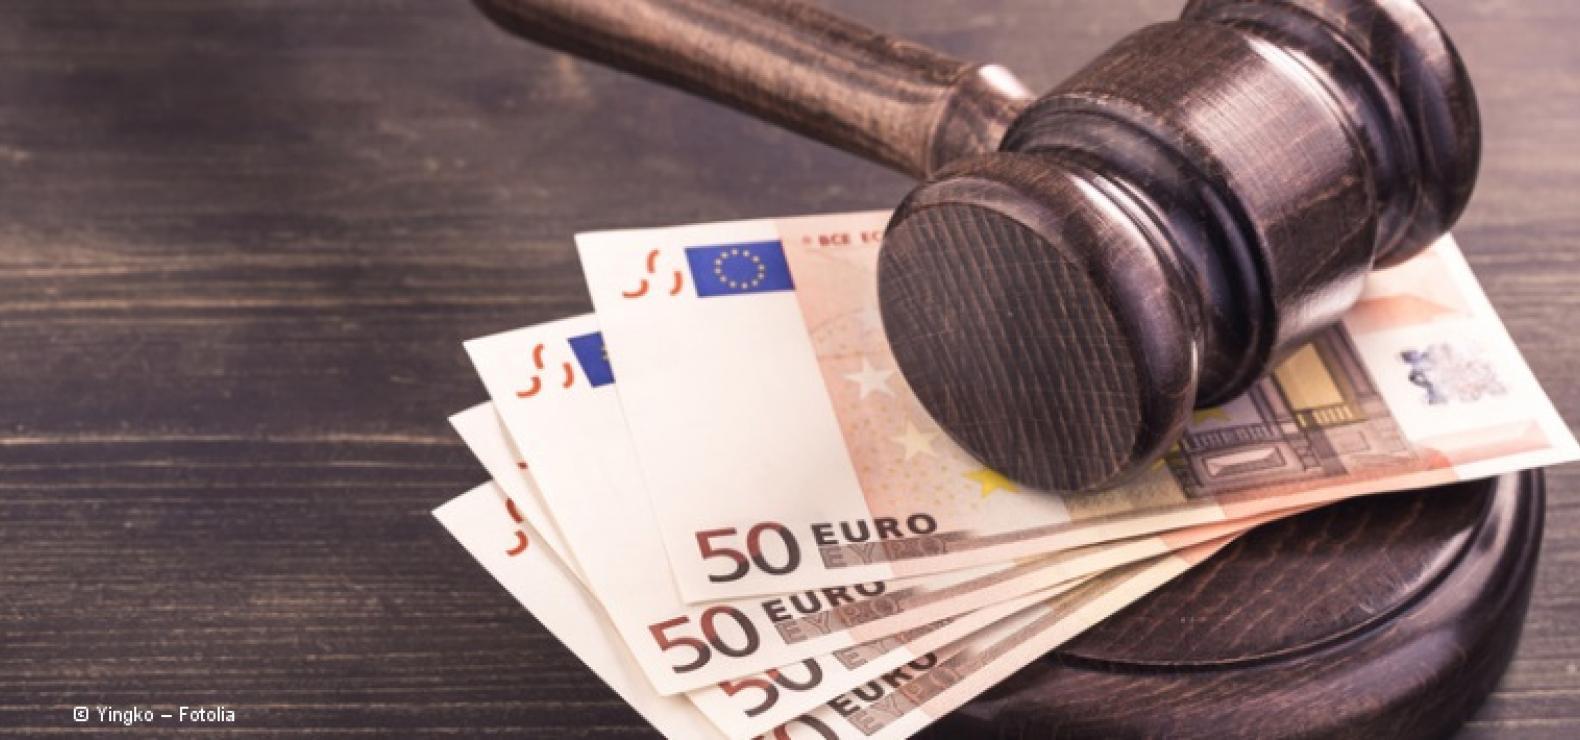 Brauner Gerichtshammer aus Holz, der auf 4 50-Euro-Banknoten abgelegt ist